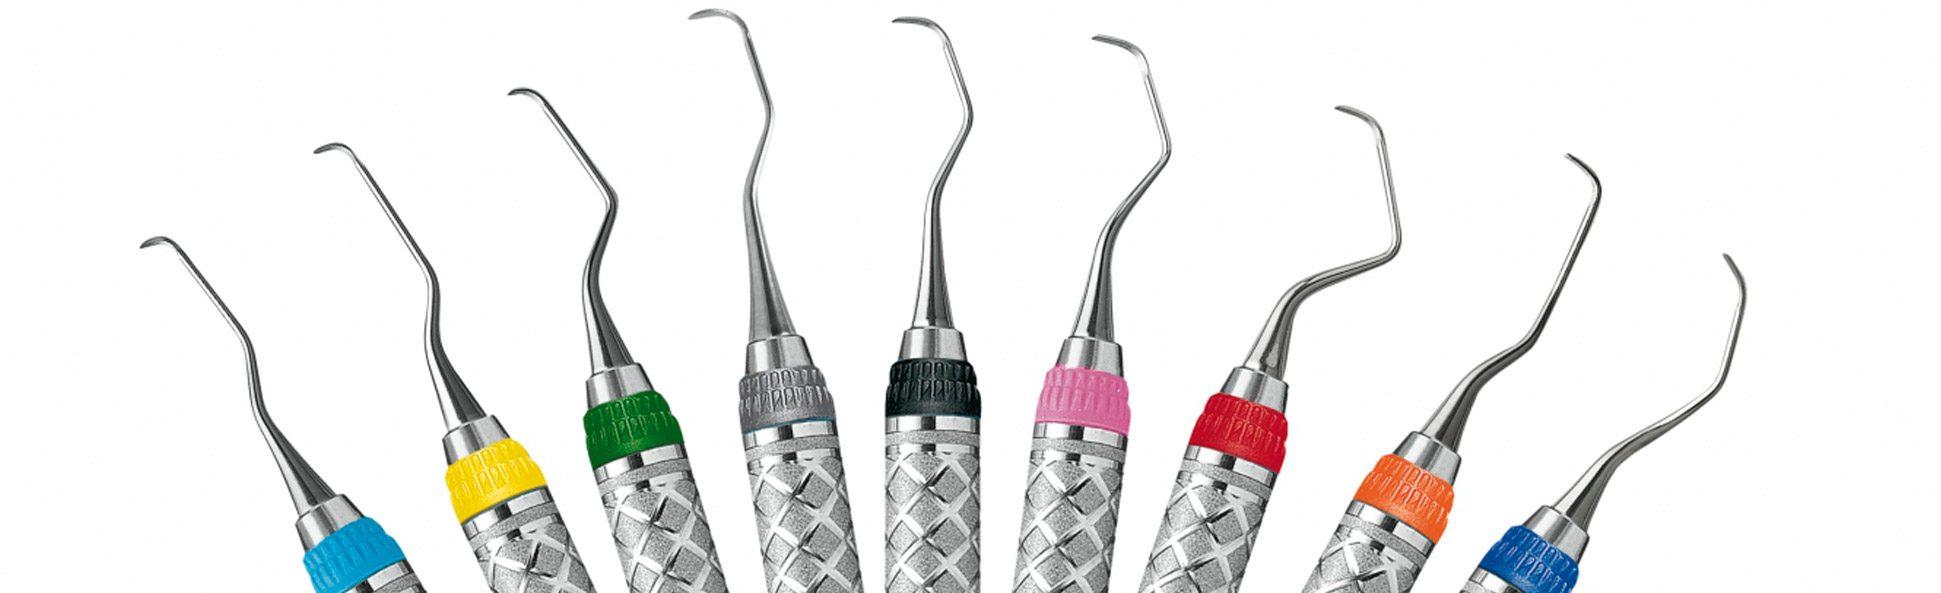 Esais - Cirugía maxilo facial e implantología avanzada